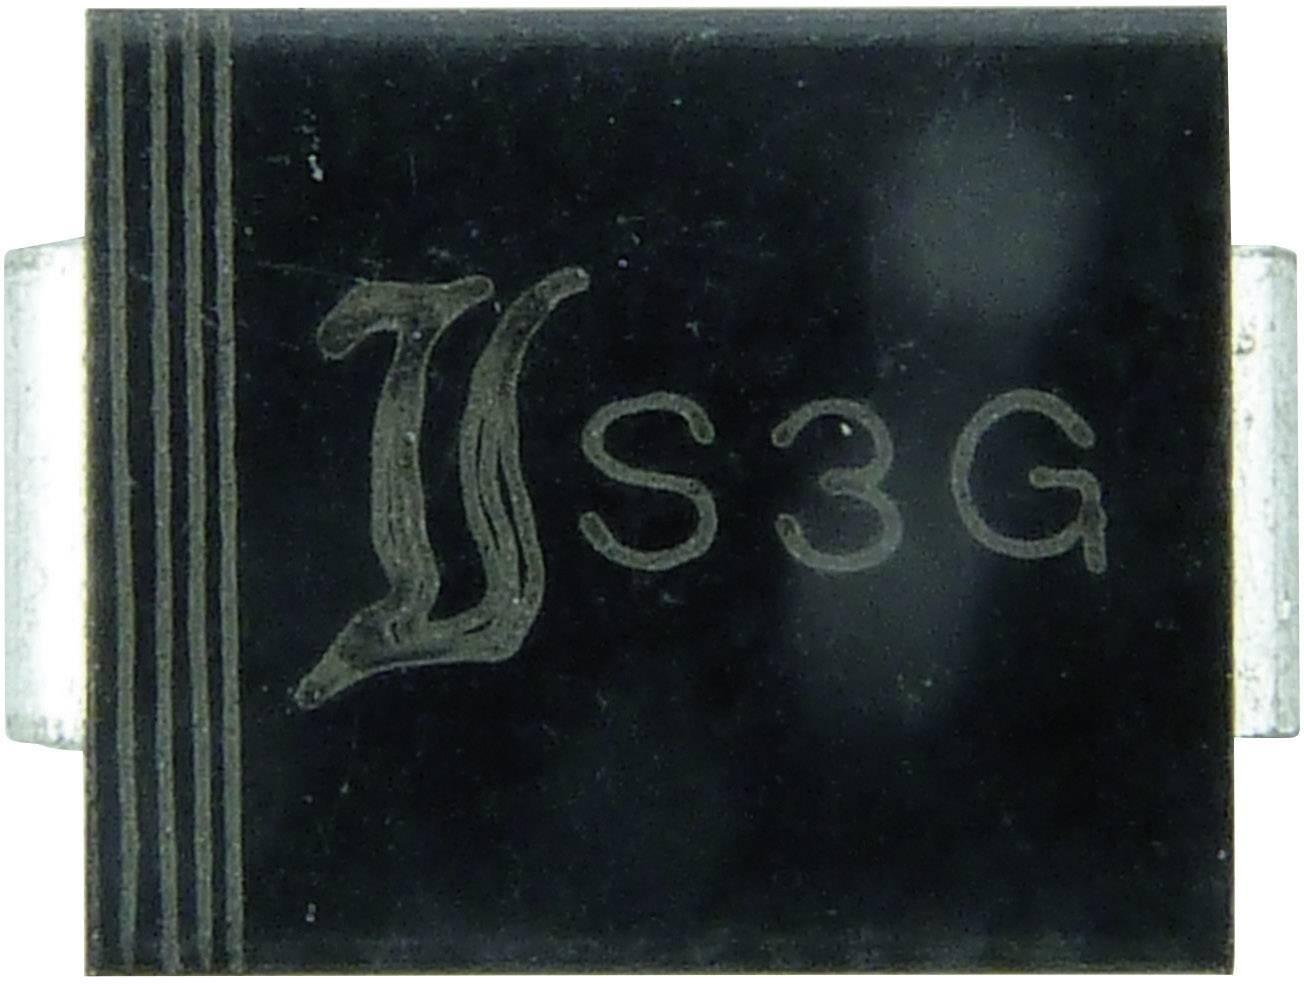 Zenerova dioda Diotec Z3SMC75, U(zen) 75 V